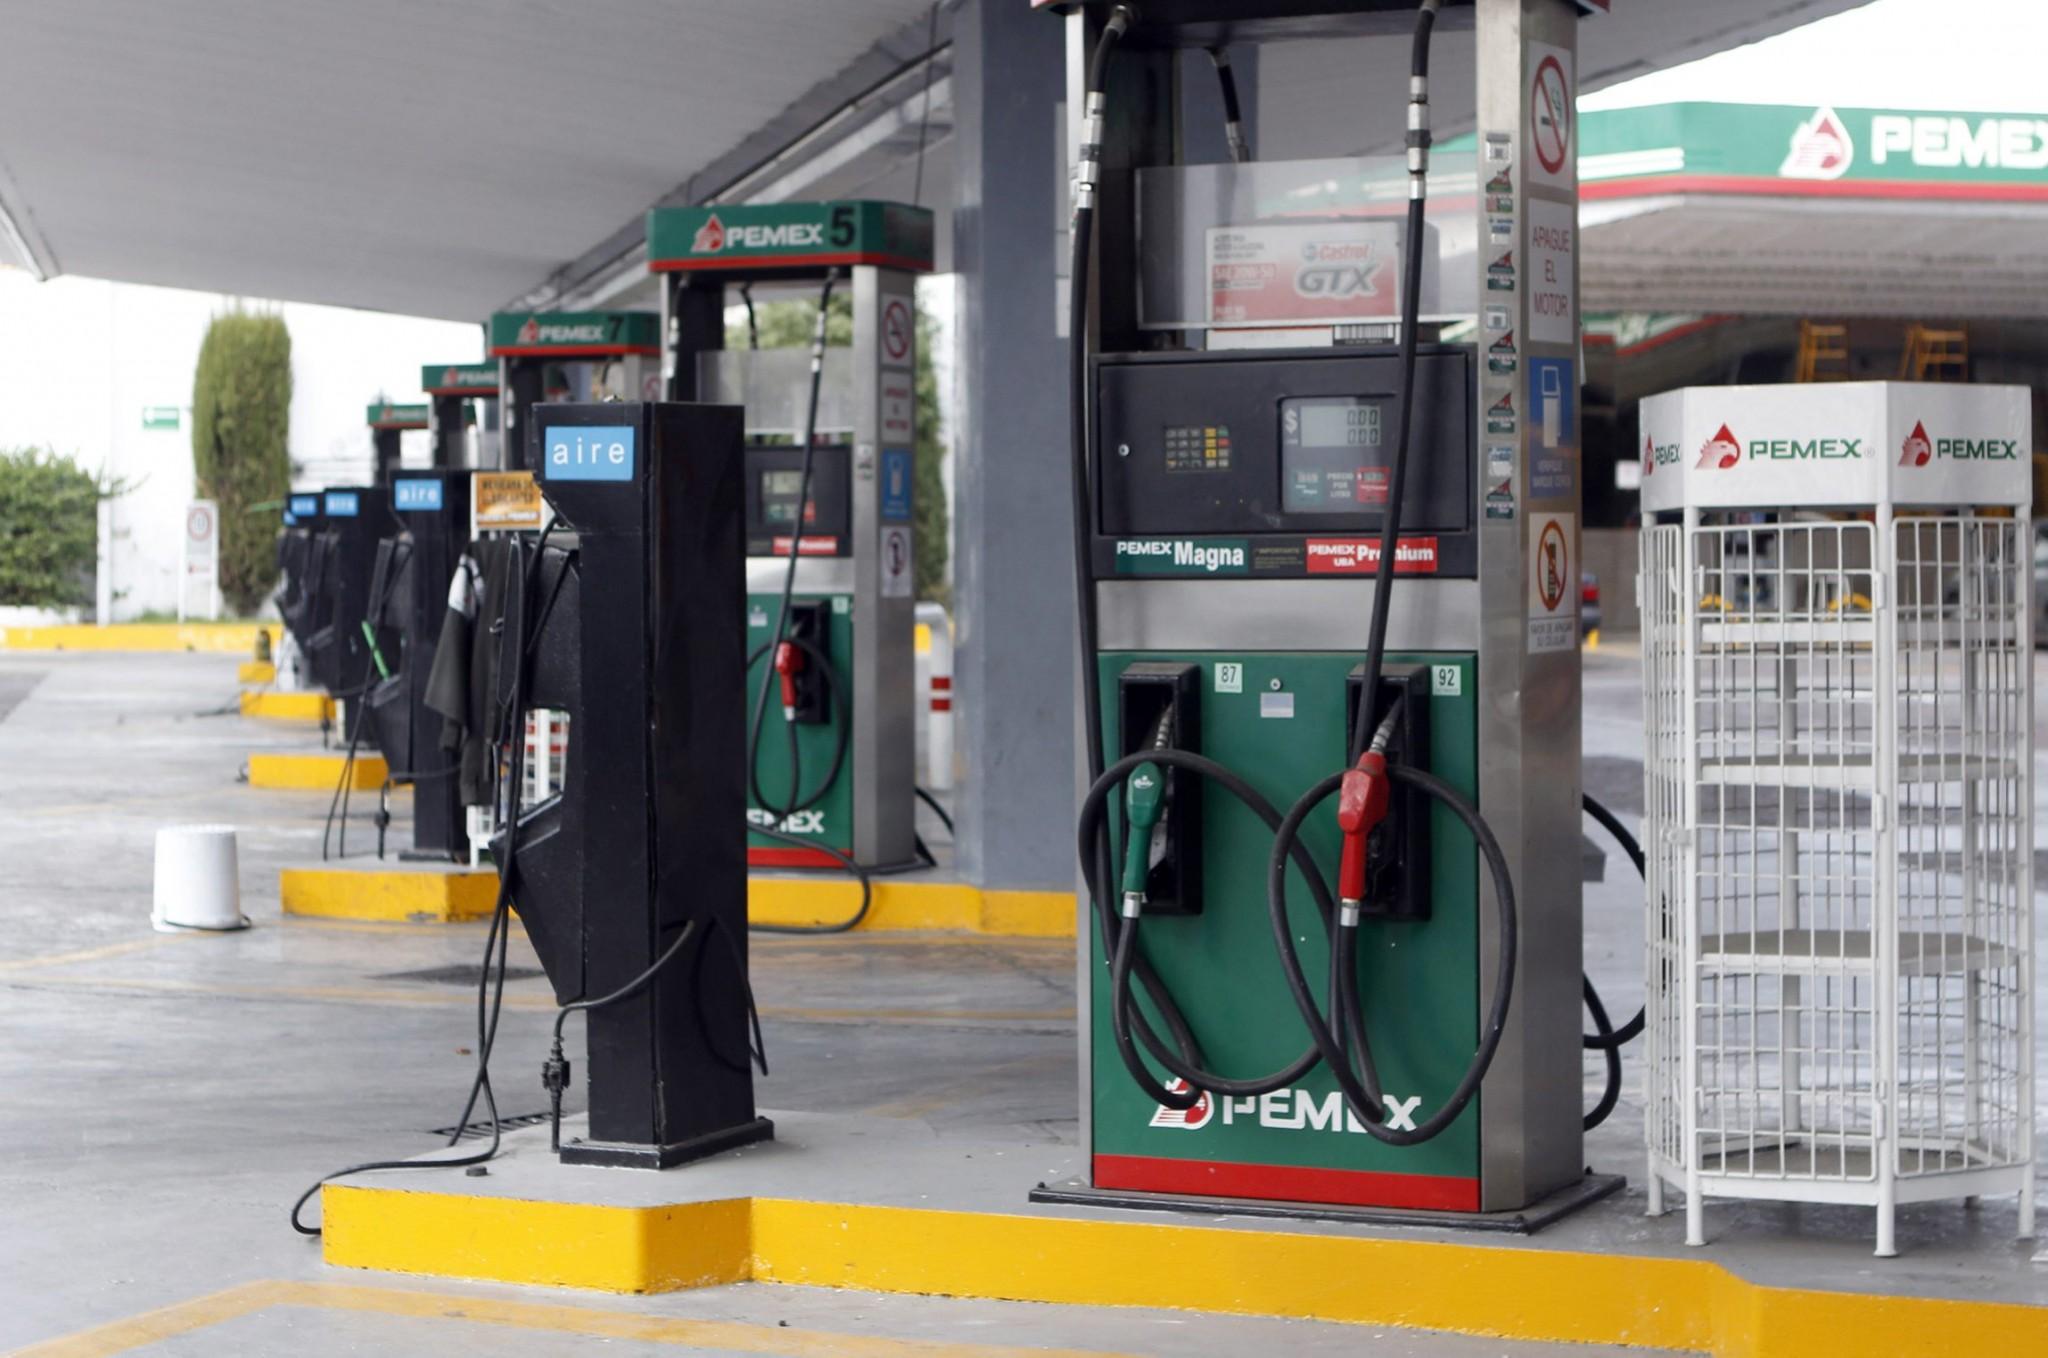 Cuánta gasolina gasta el coche en soltero